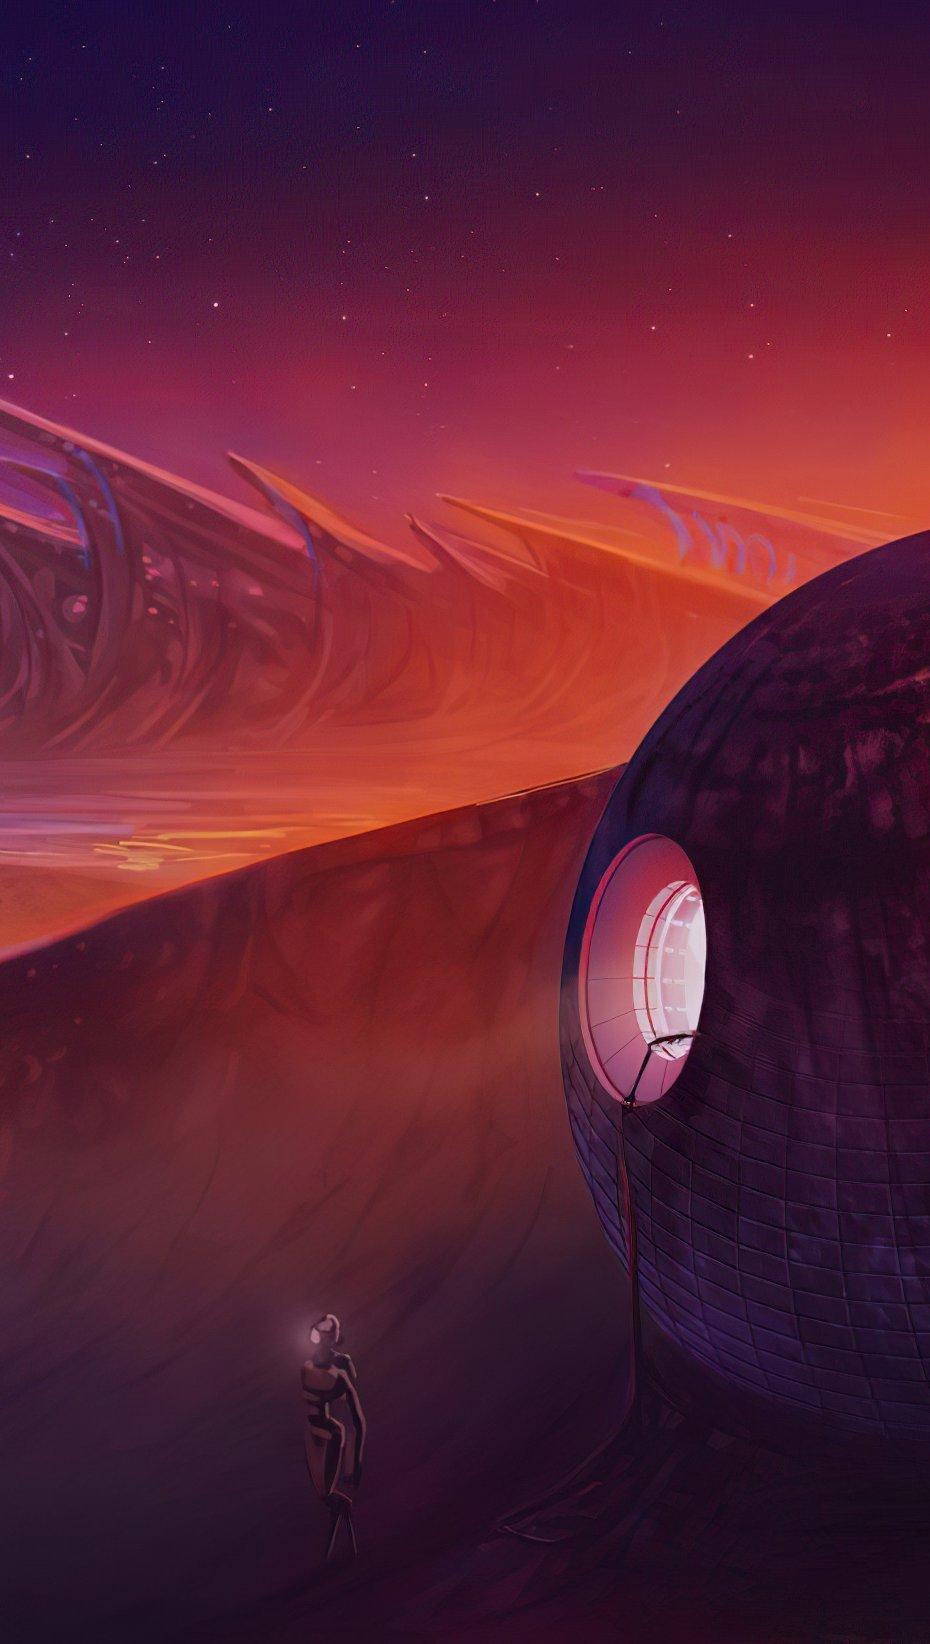 Fondos de pantalla Planeta extraño Vertical